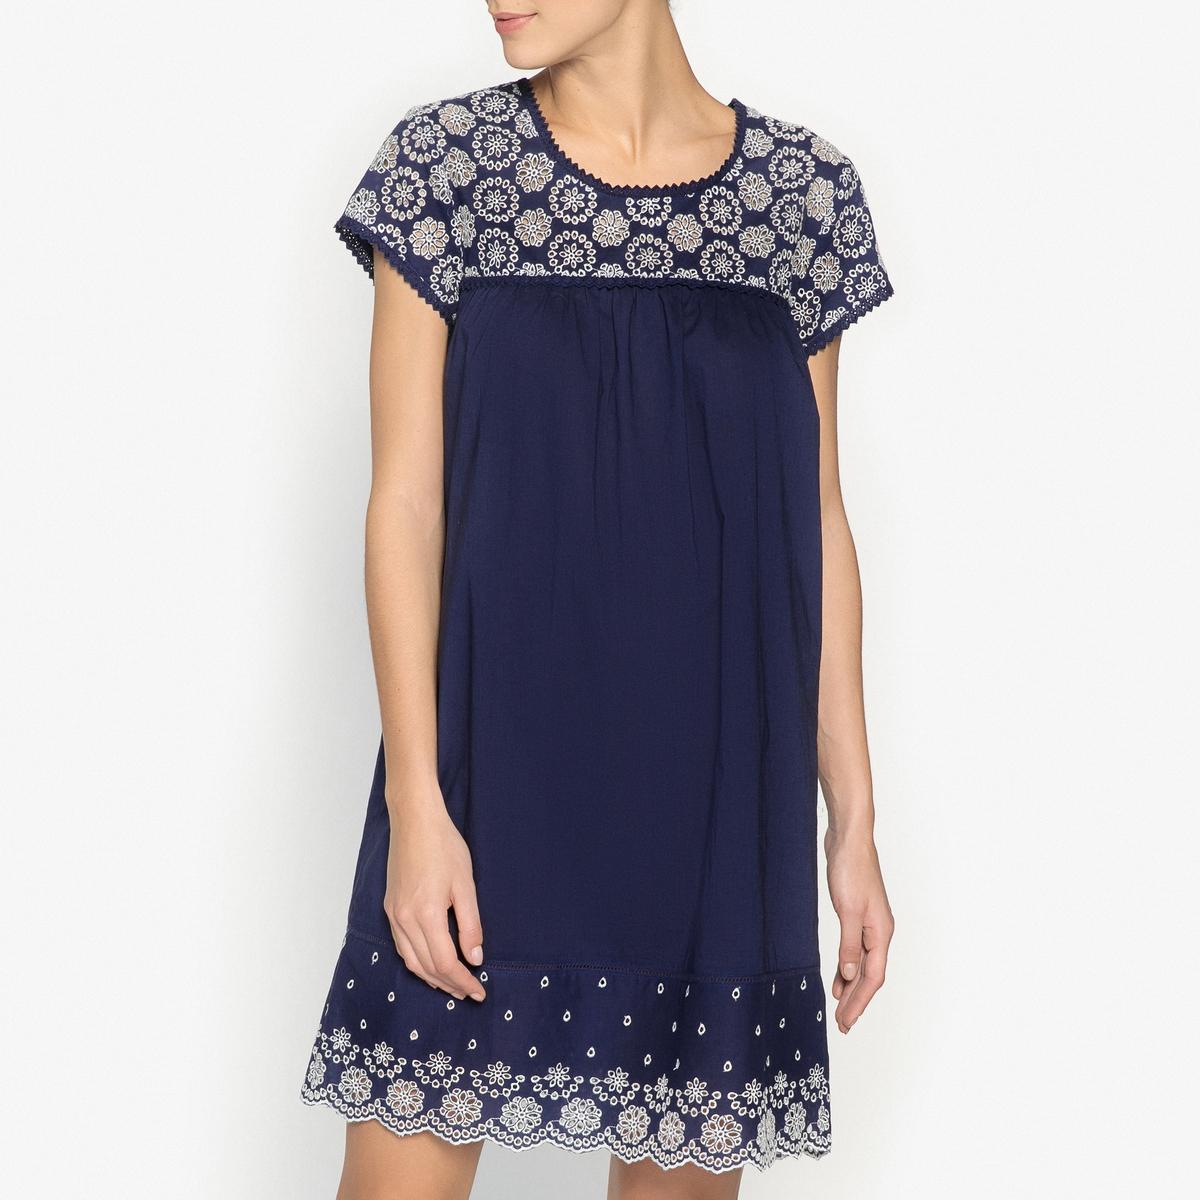 Сорочка ночная из кружева ночные сорочки linse ночная сорочка